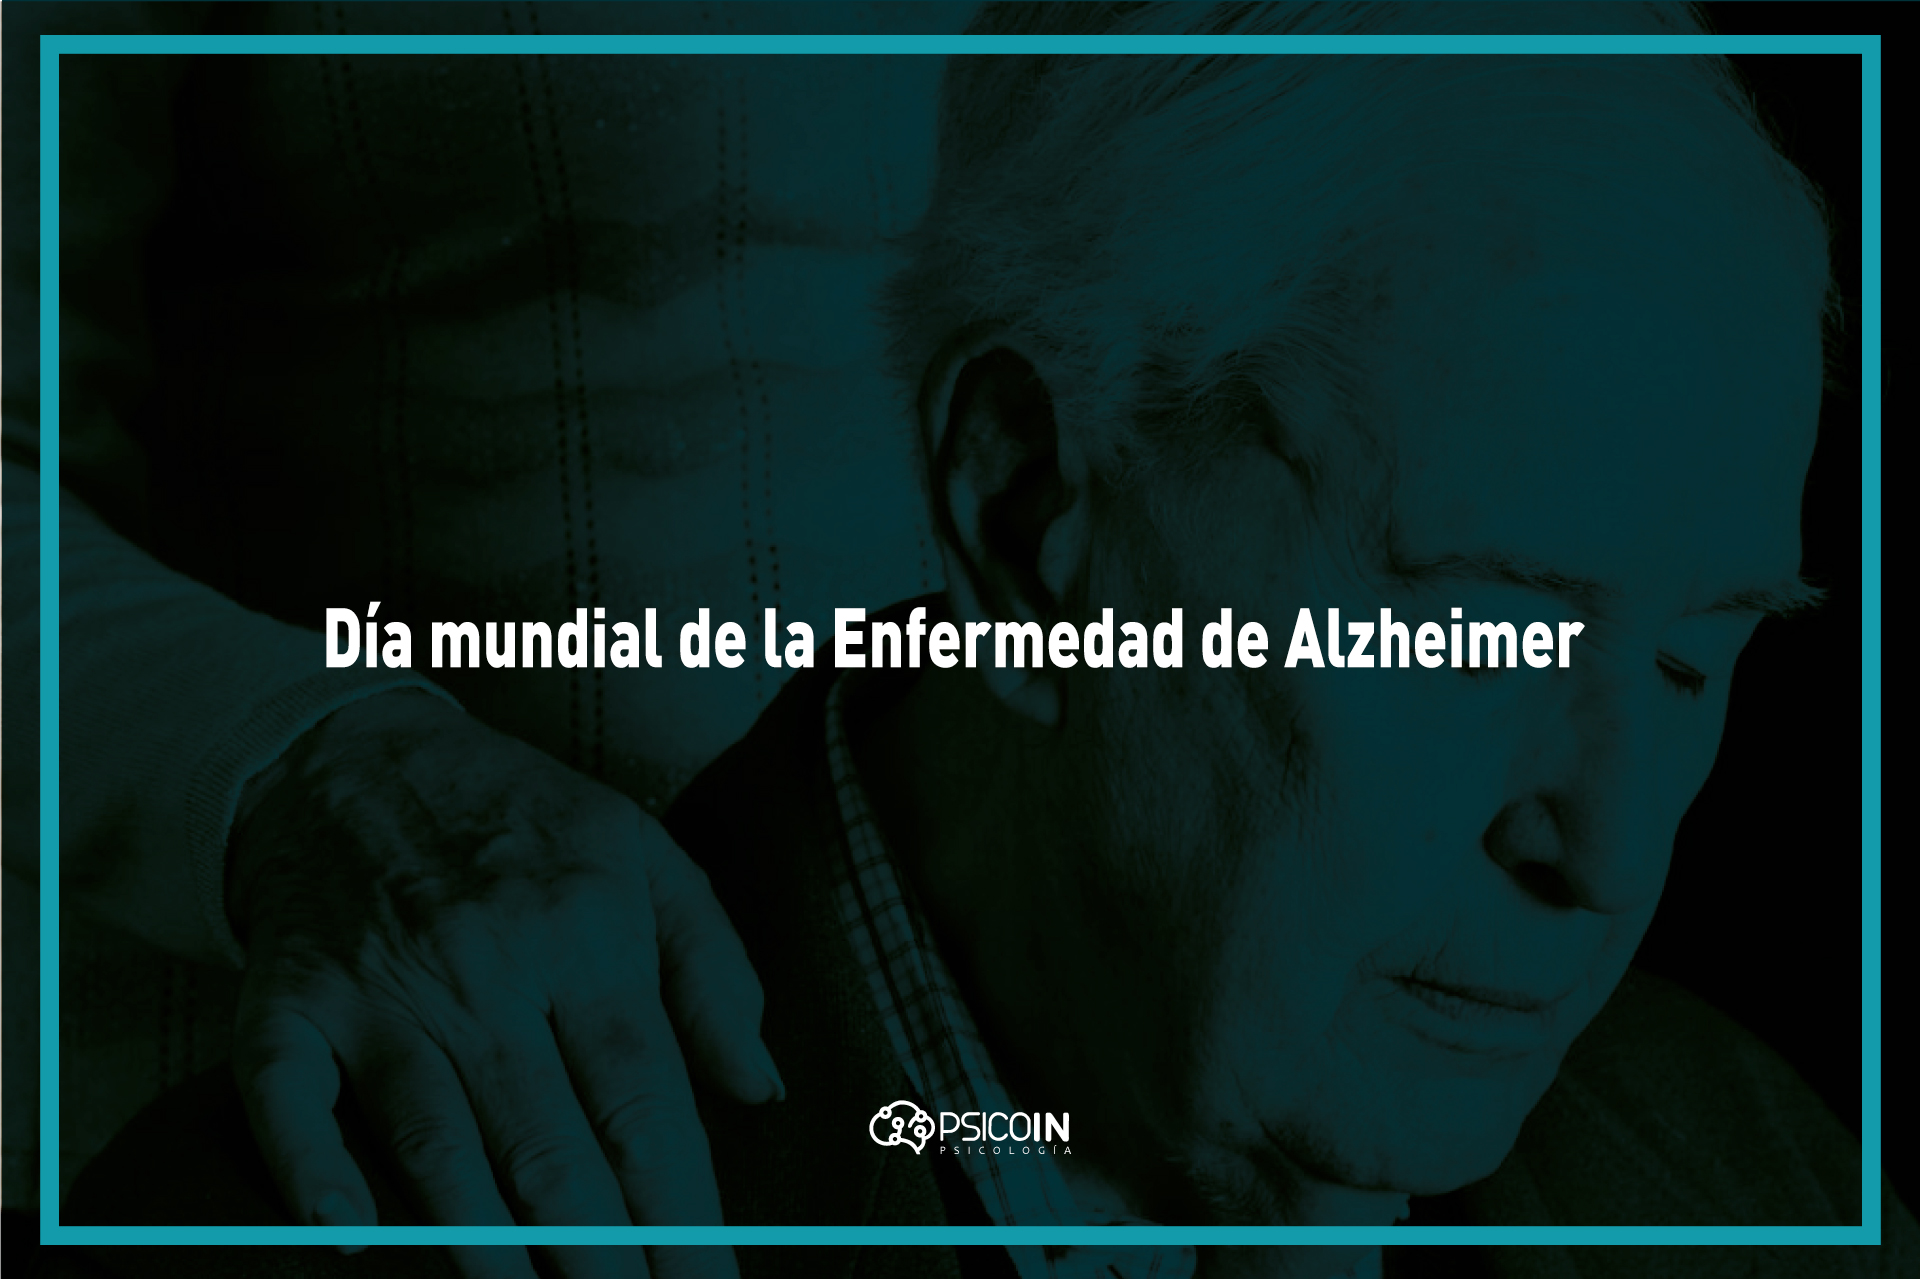 Día mundial de la Enfermedad de Alzheimer